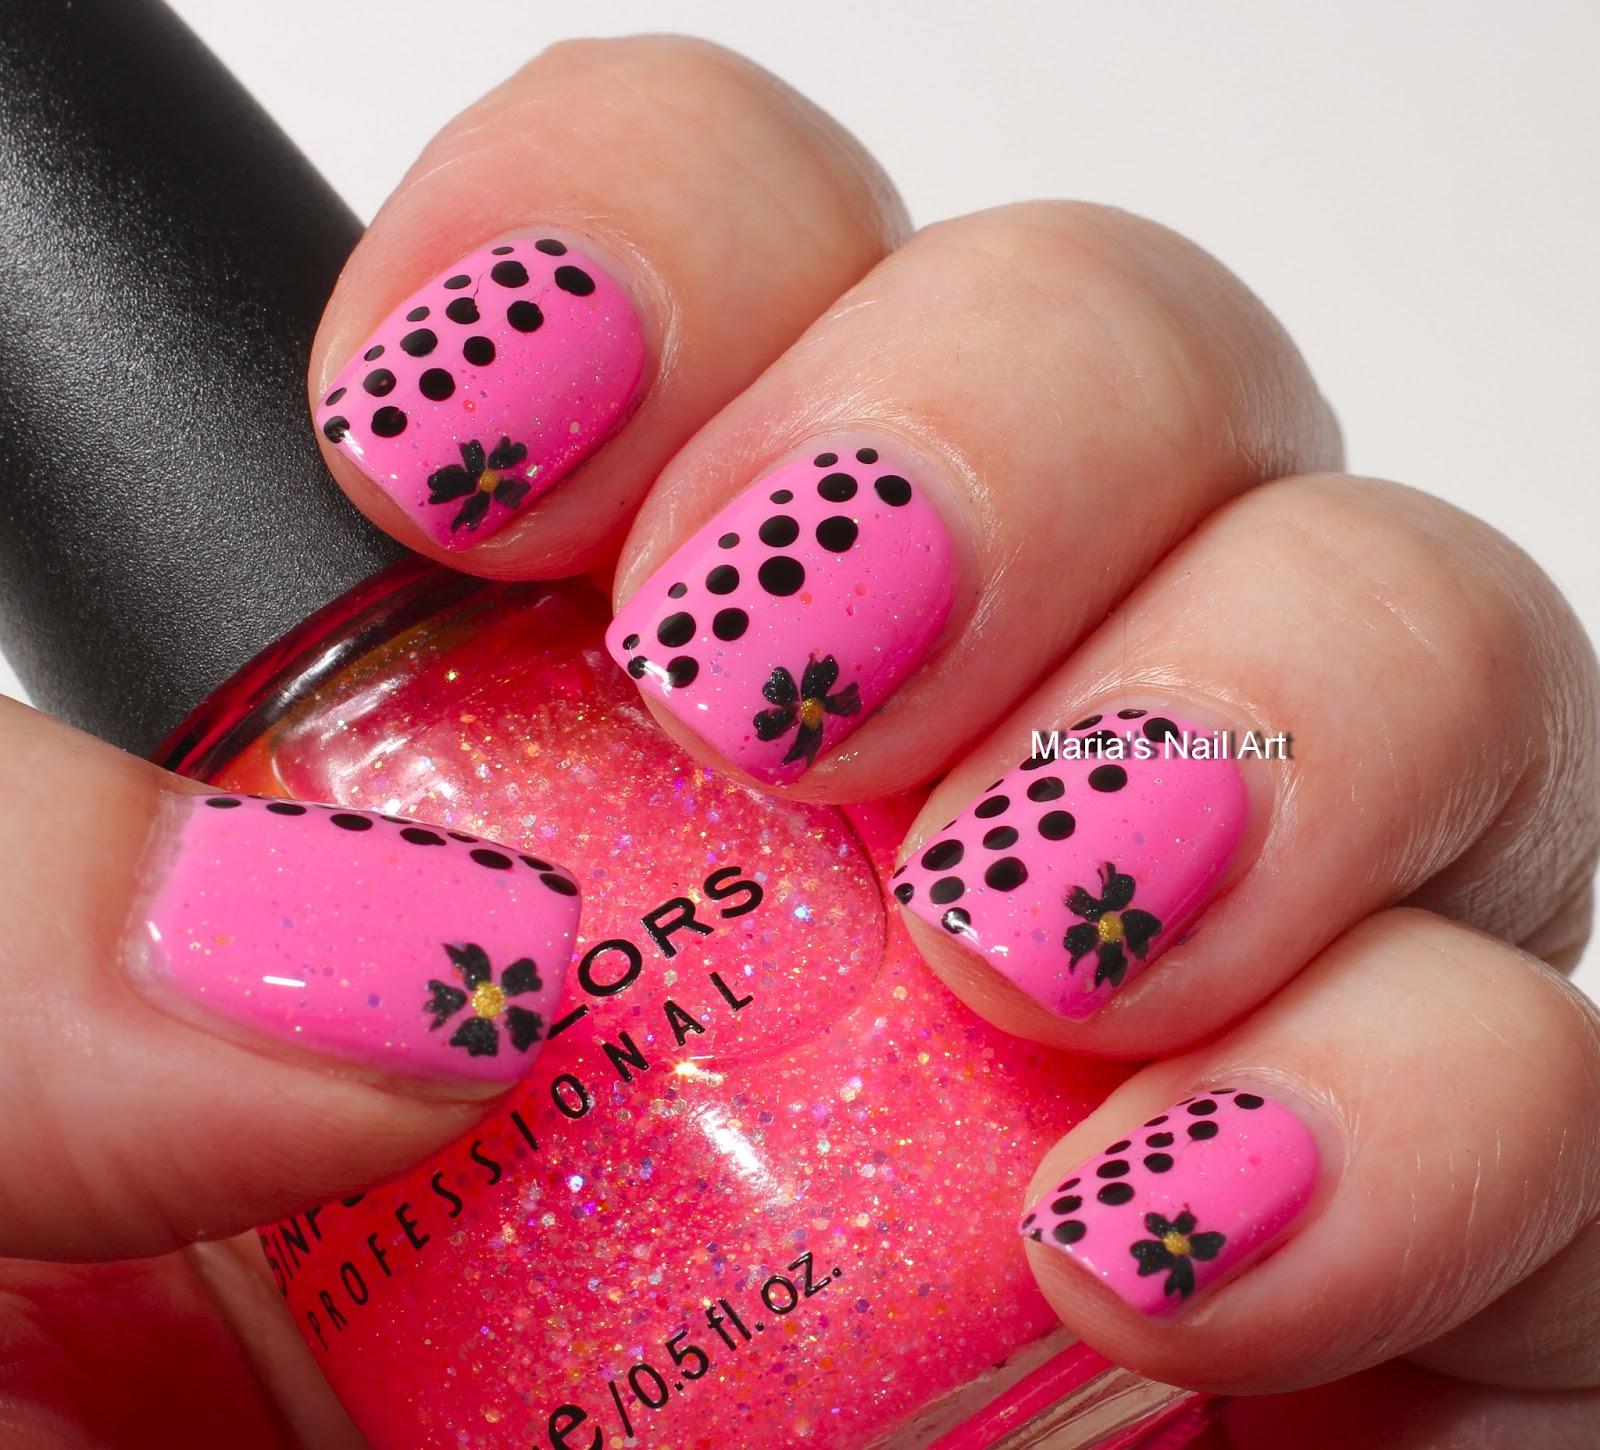 Pink And Blue Glitter Nail Polish: Marias Nail Art And Polish Blog: Pink, Glitter, Dots And